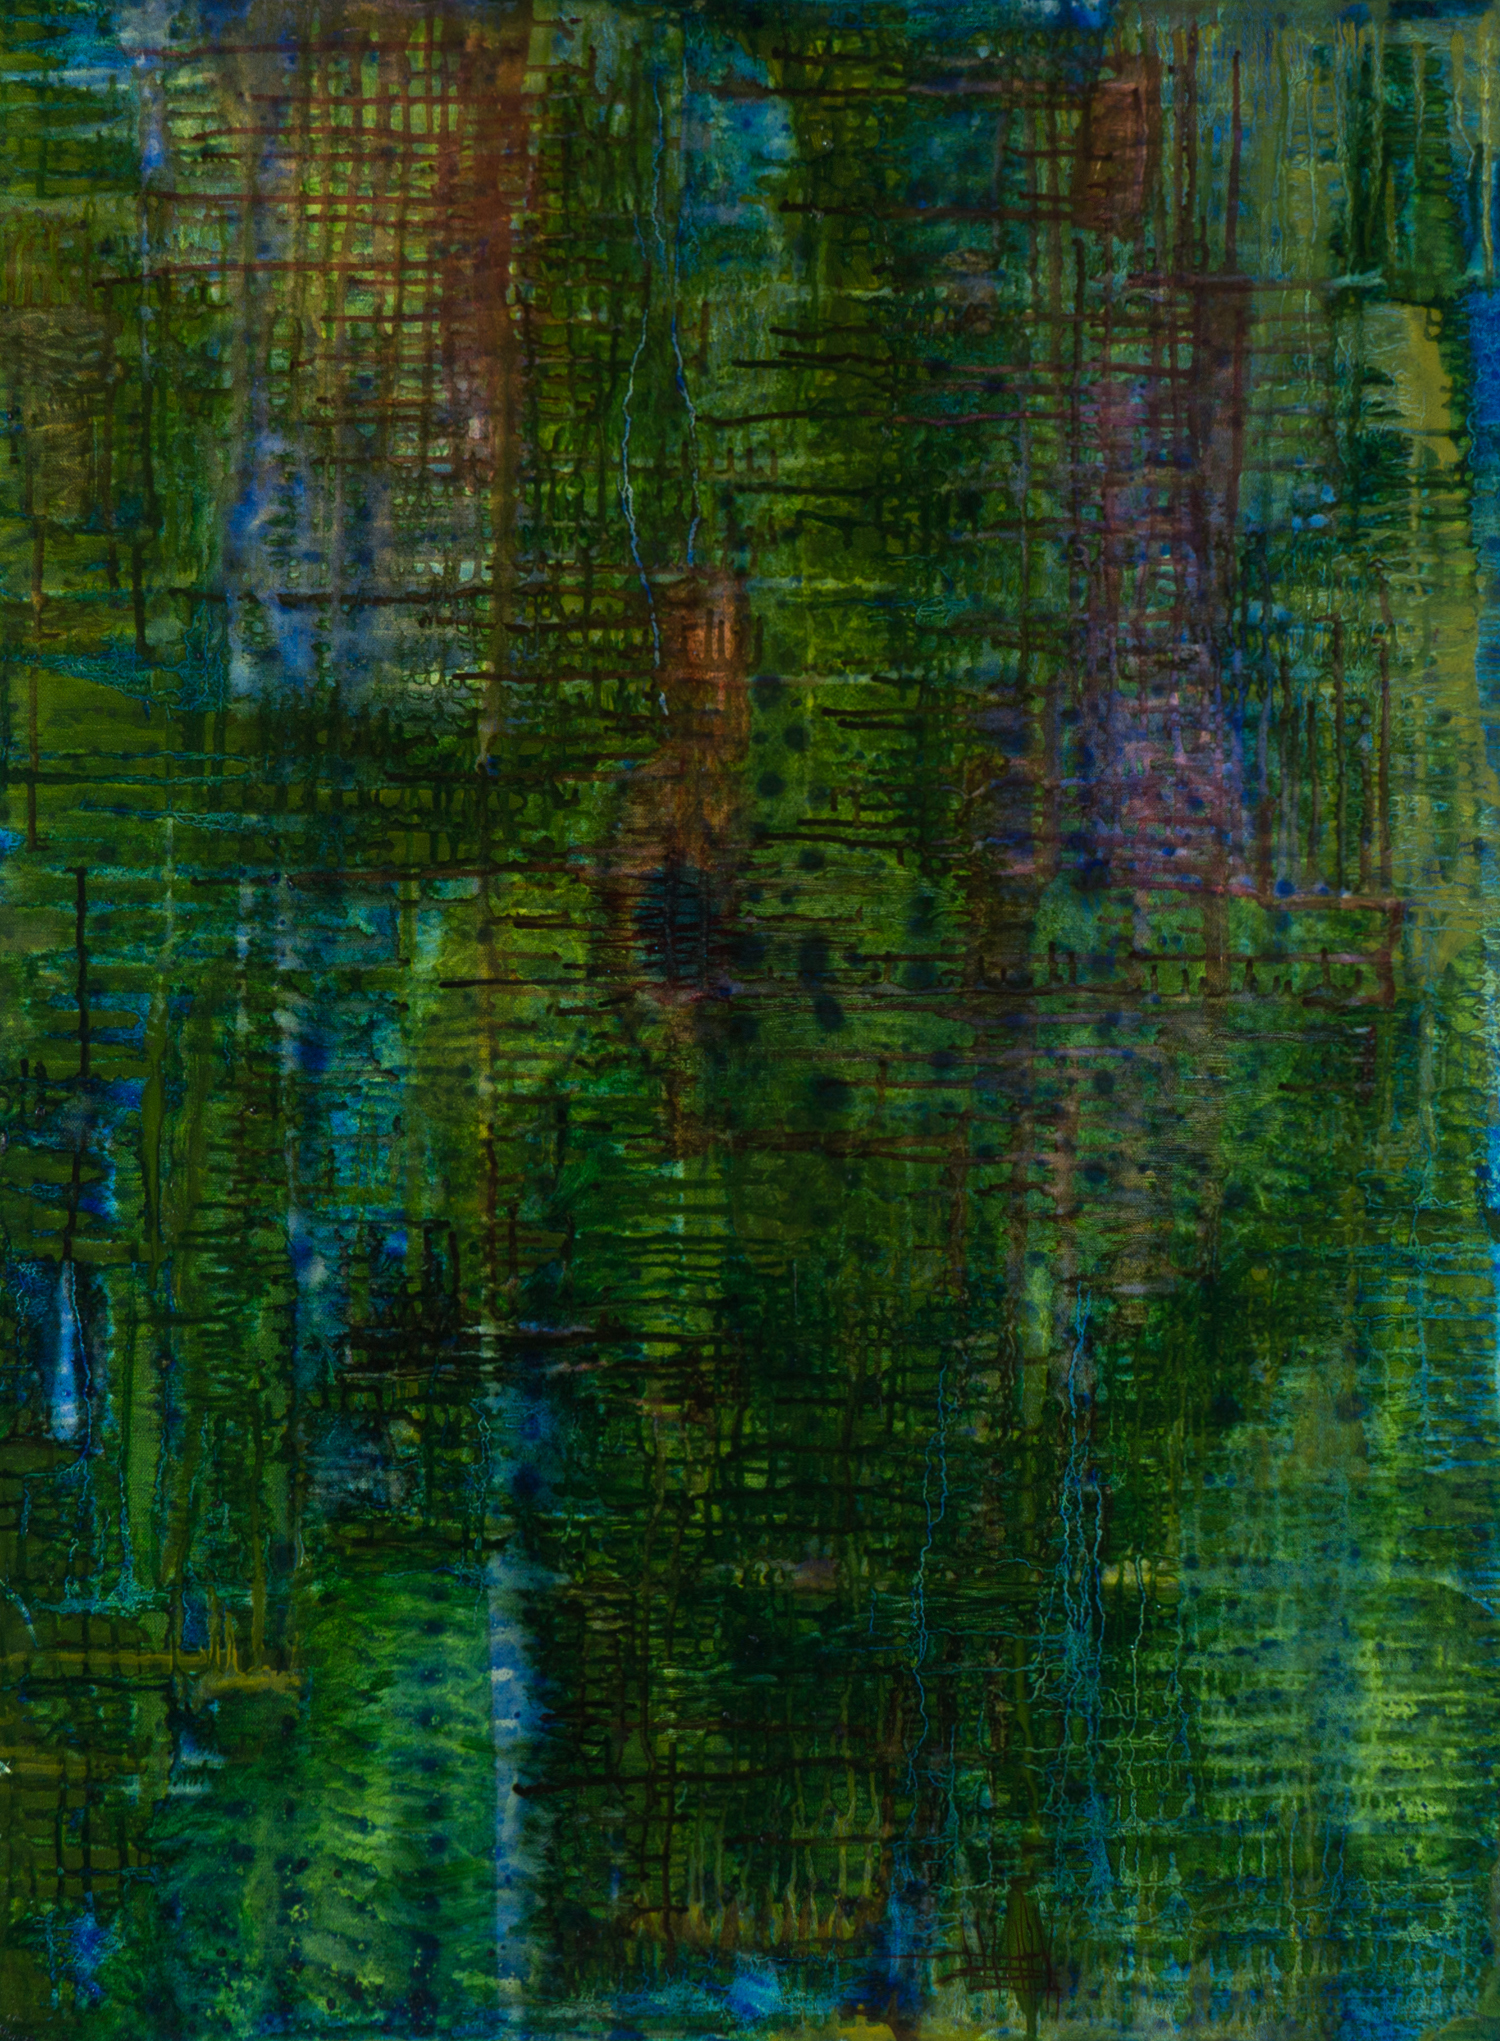 The Concrete Jungle, Oil on Canvas